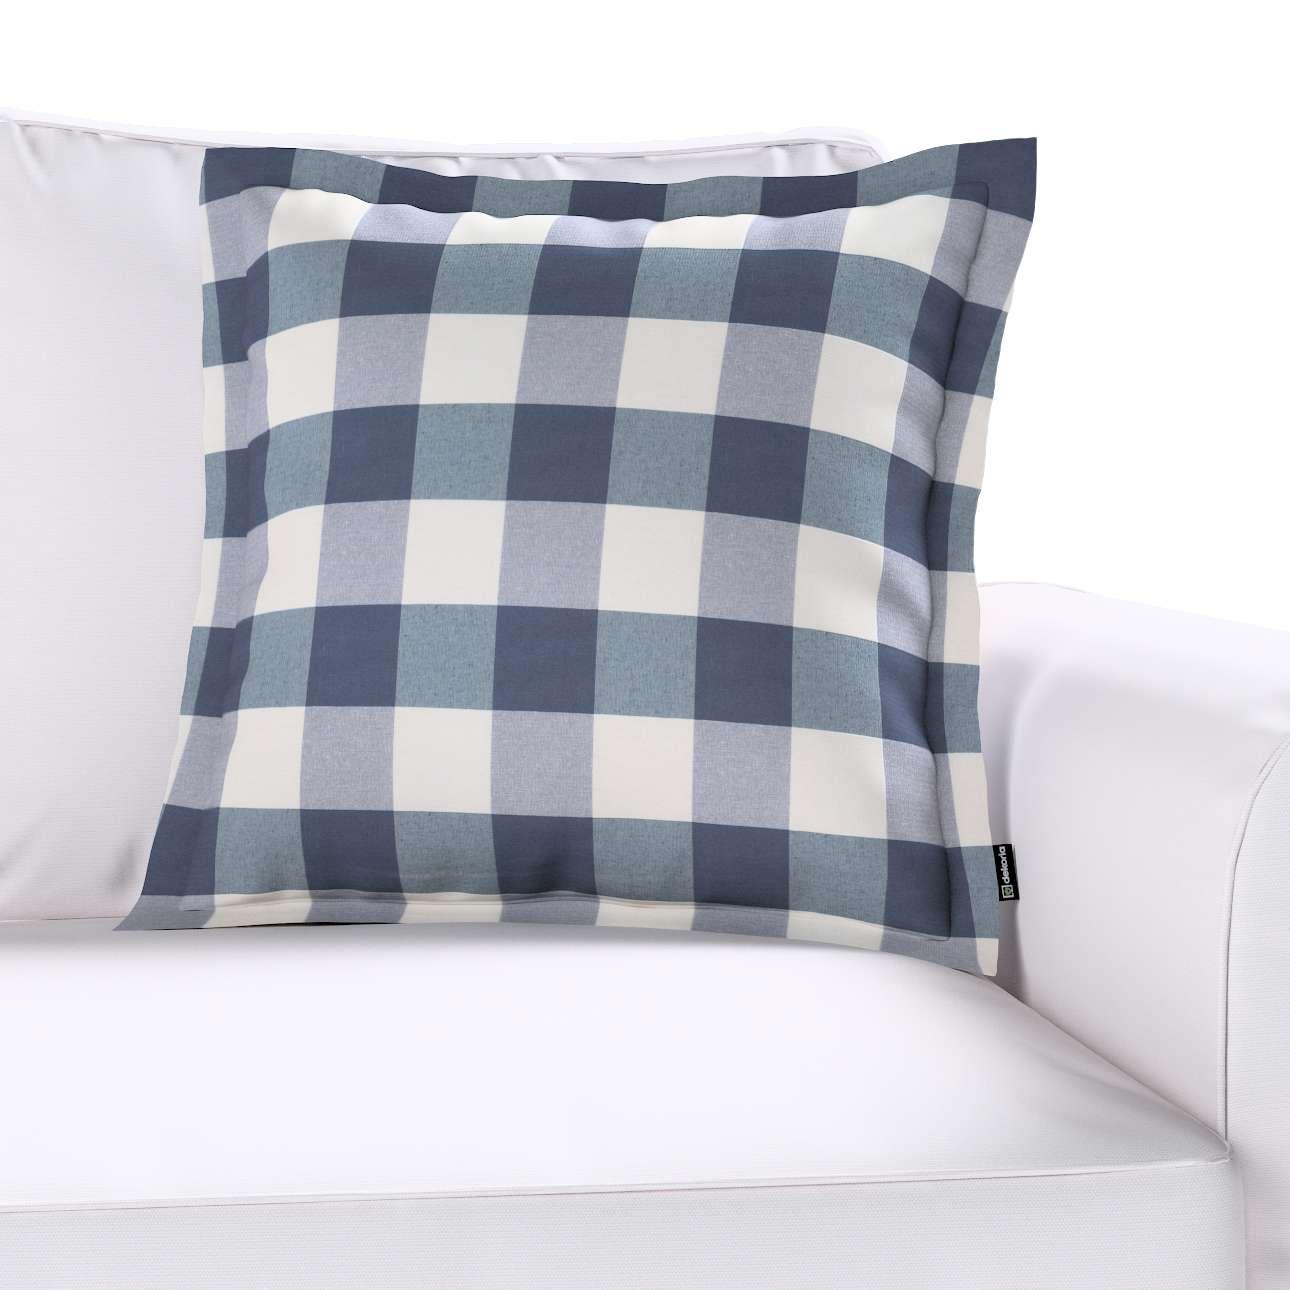 Poszewka Mona na poduszkę w kolekcji Quadro, tkanina: 136-03